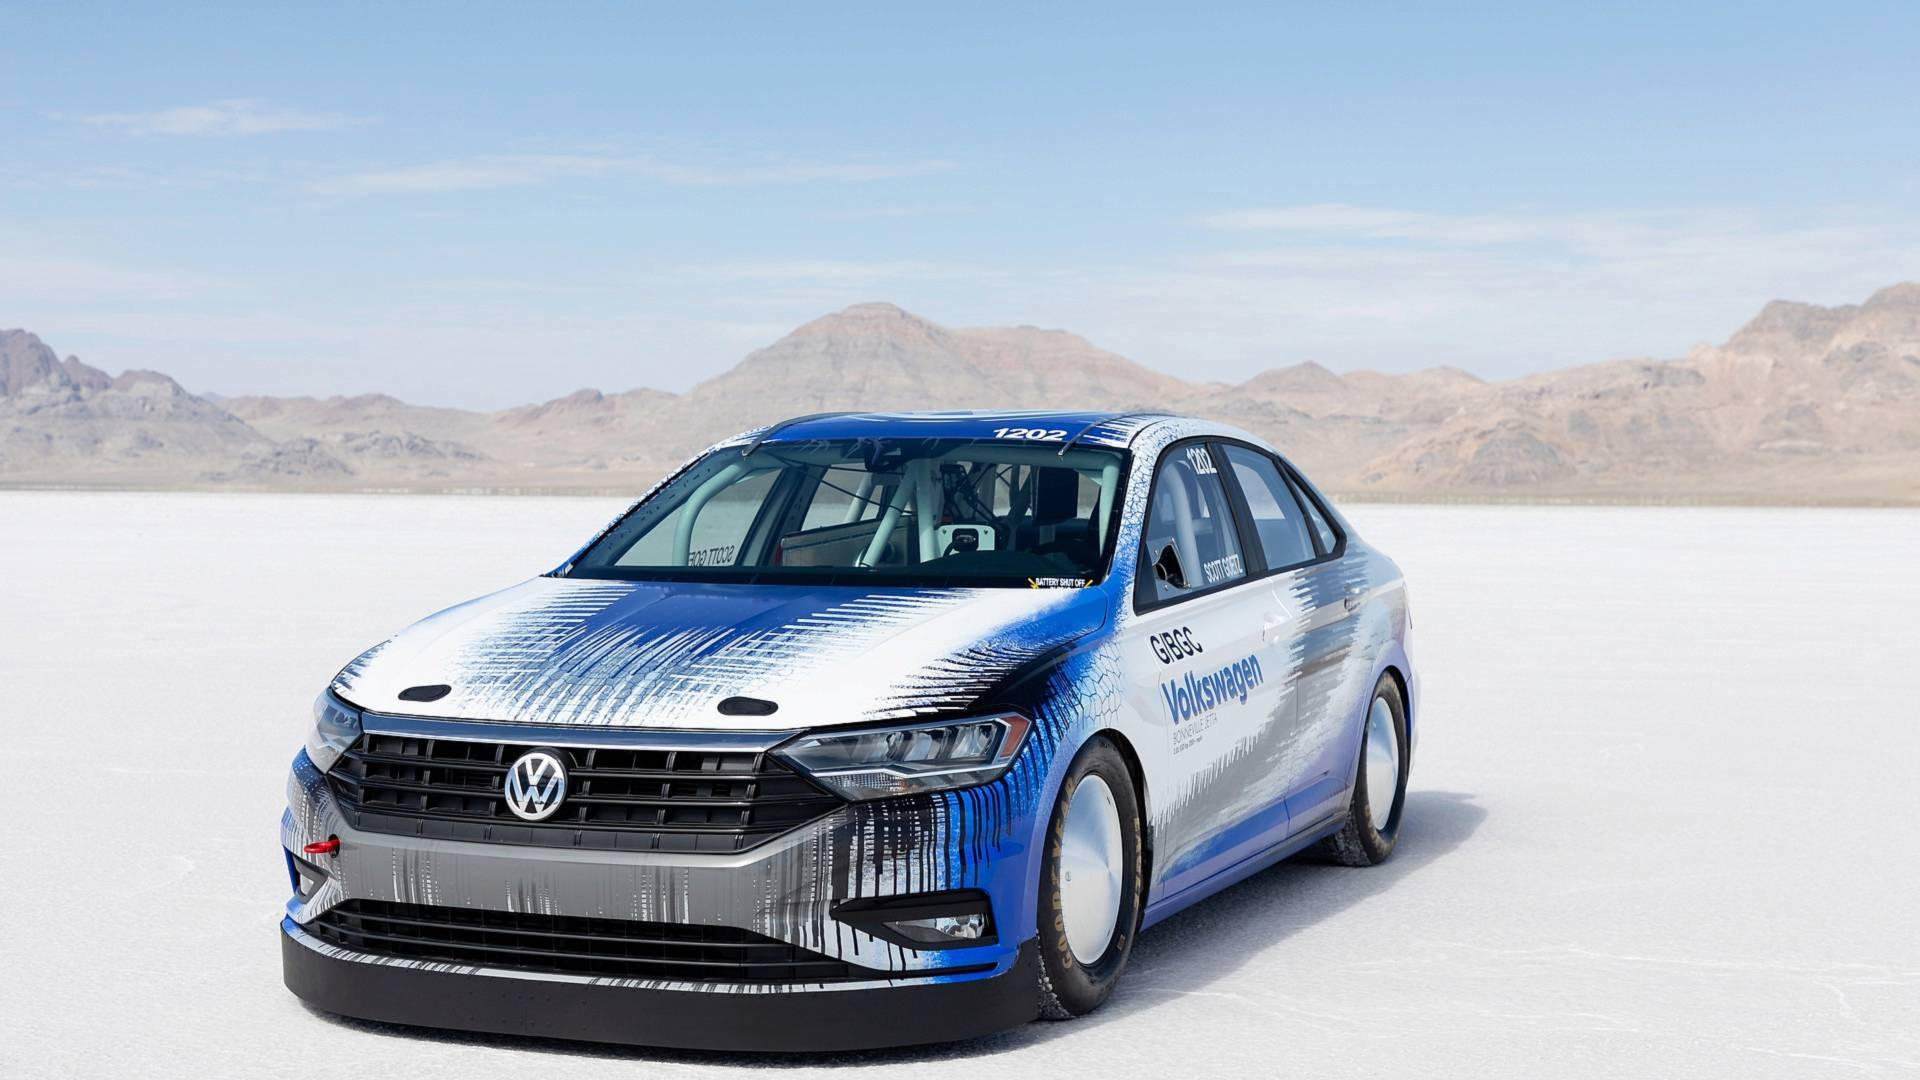 Volkswagen_Jetta_Bonneville_0002